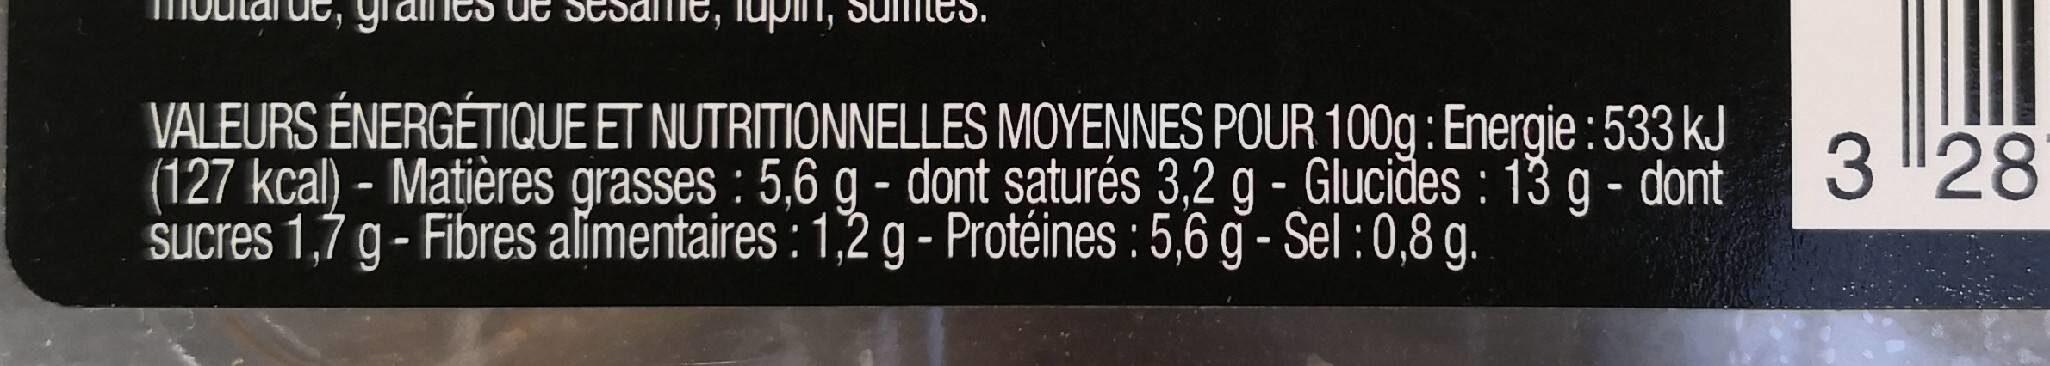 Coquille noix de saint Jacques - Nutrition facts - fr